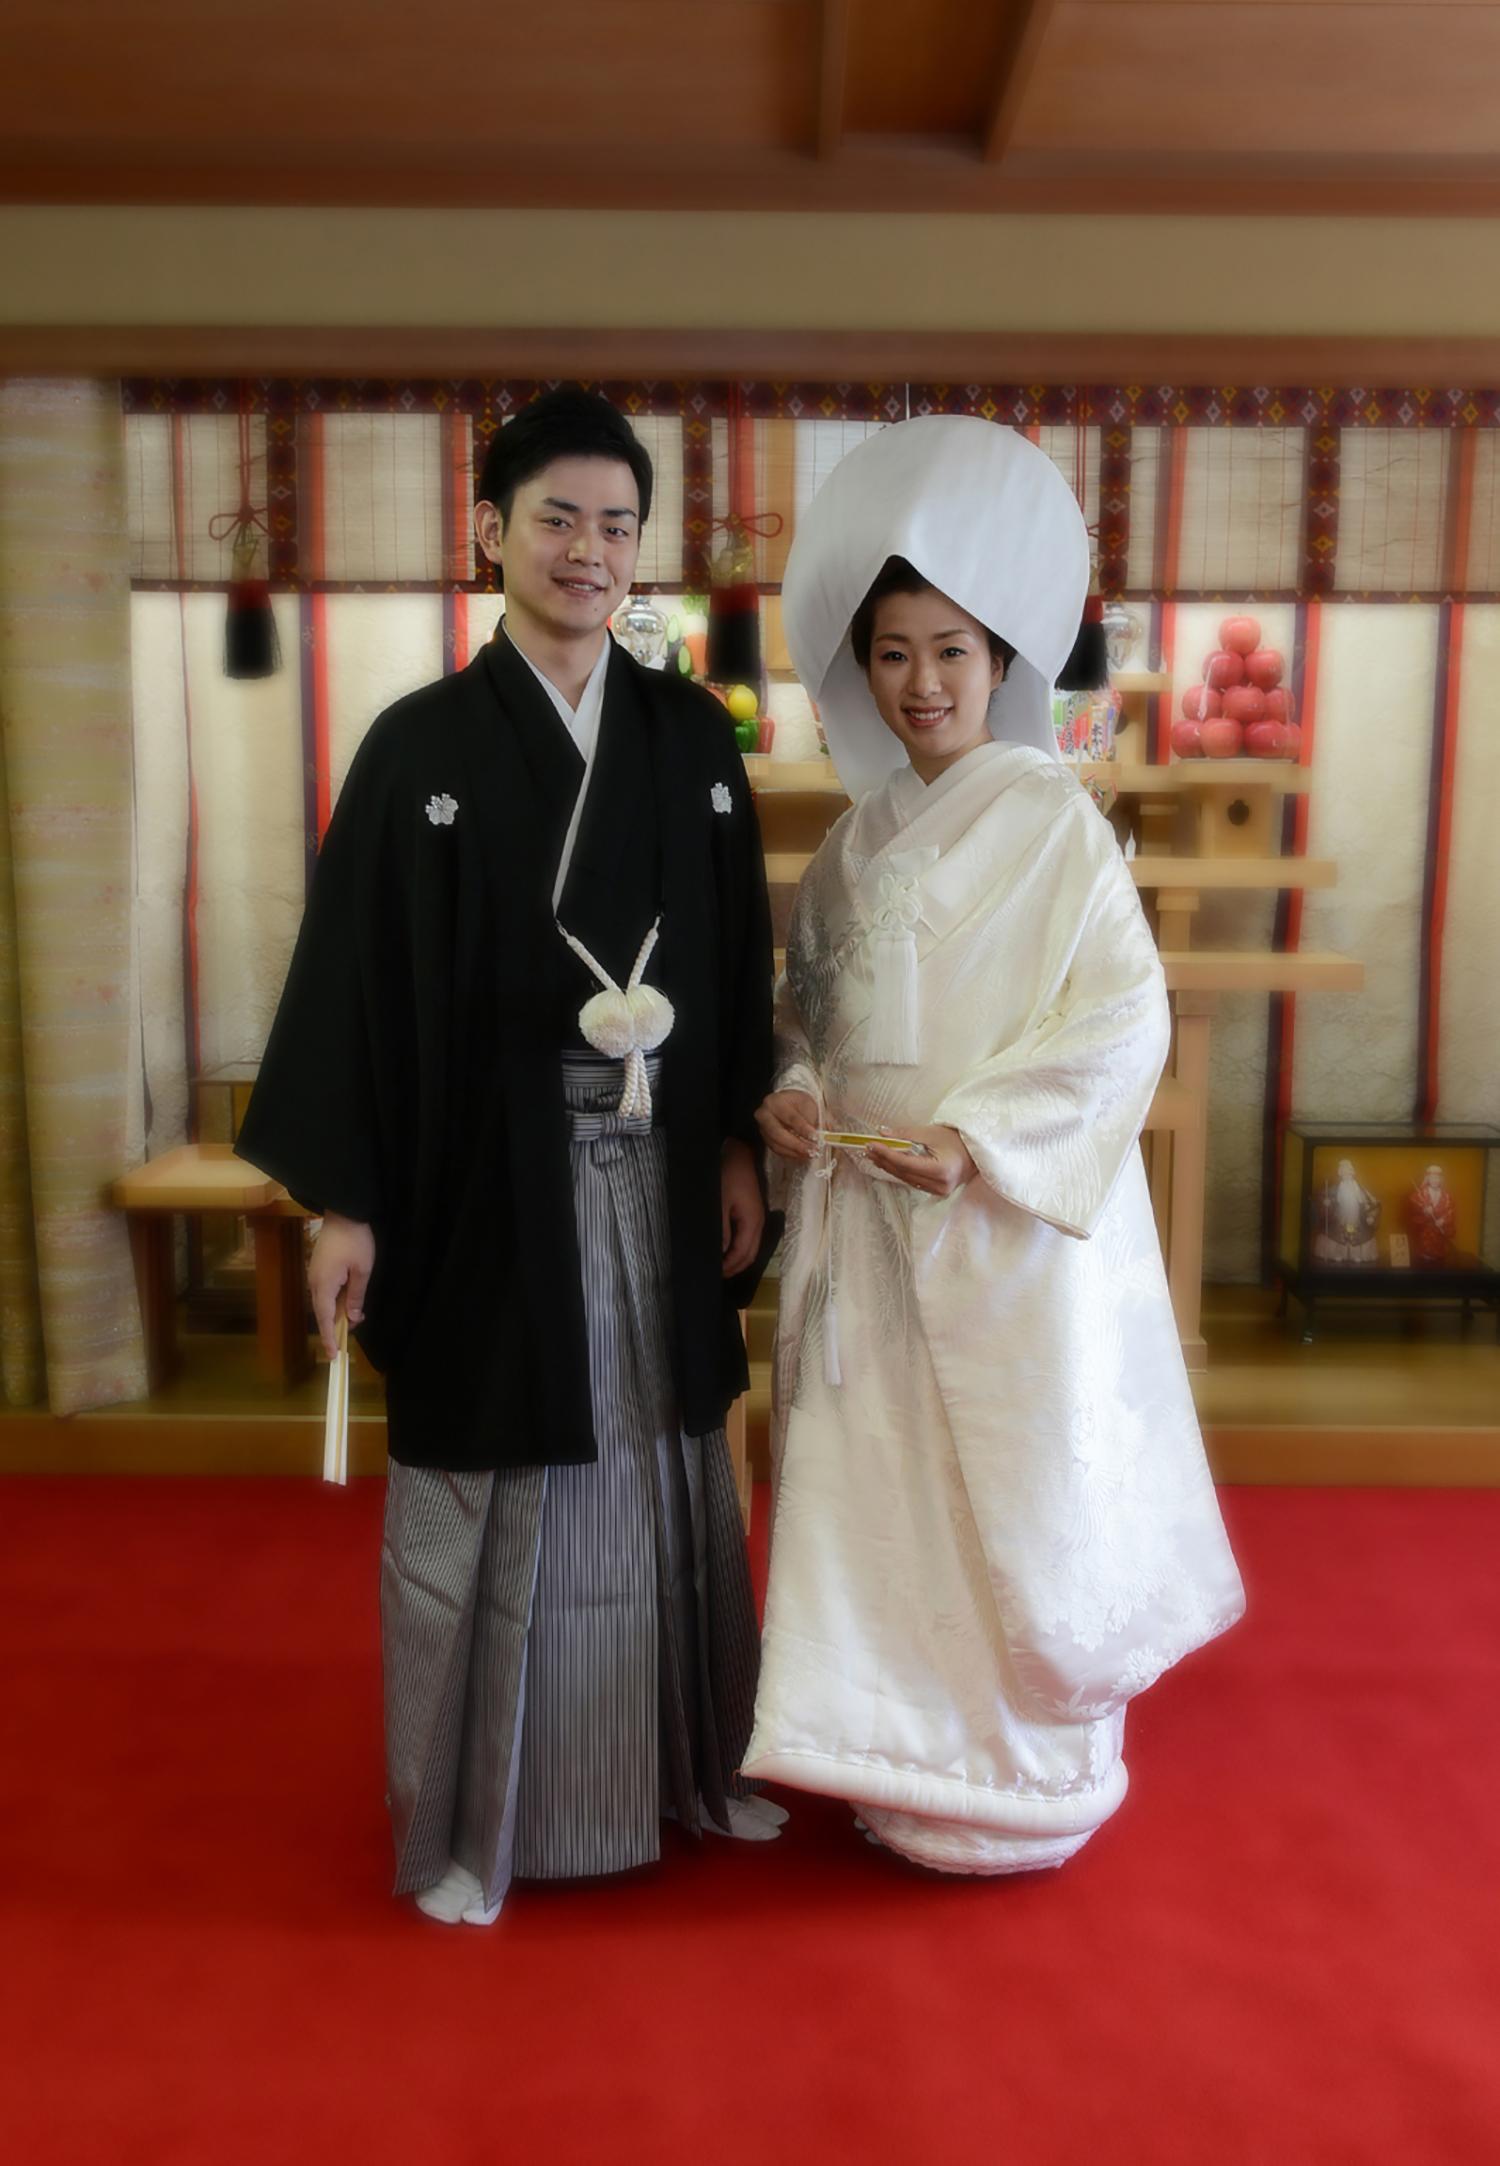 ウェディング 結婚式 記念撮影